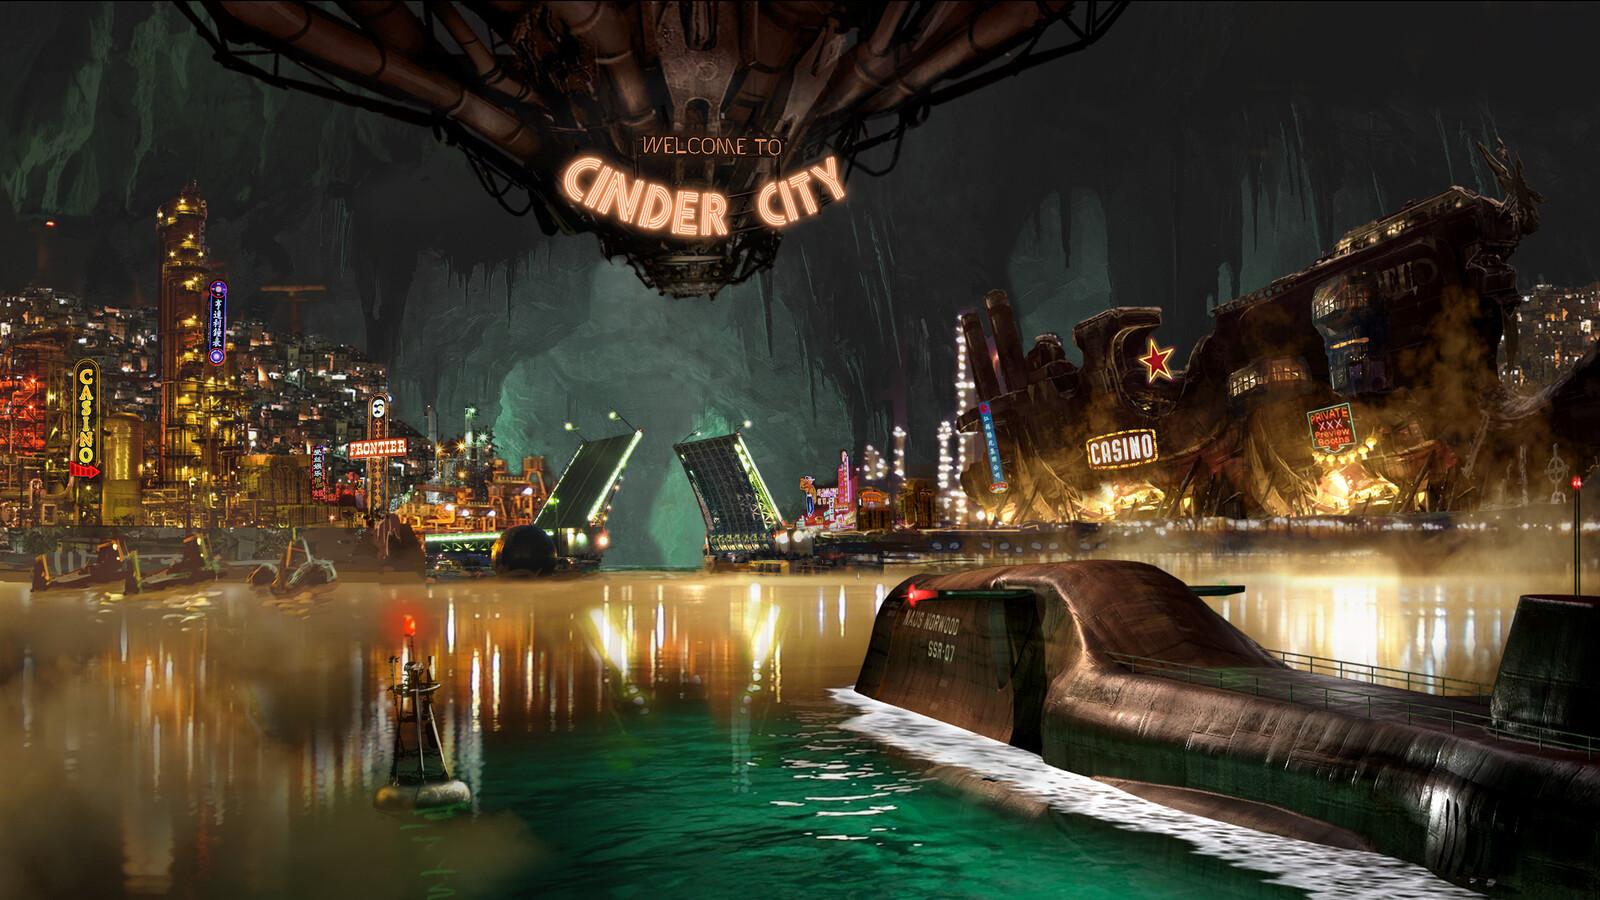 Cinder City